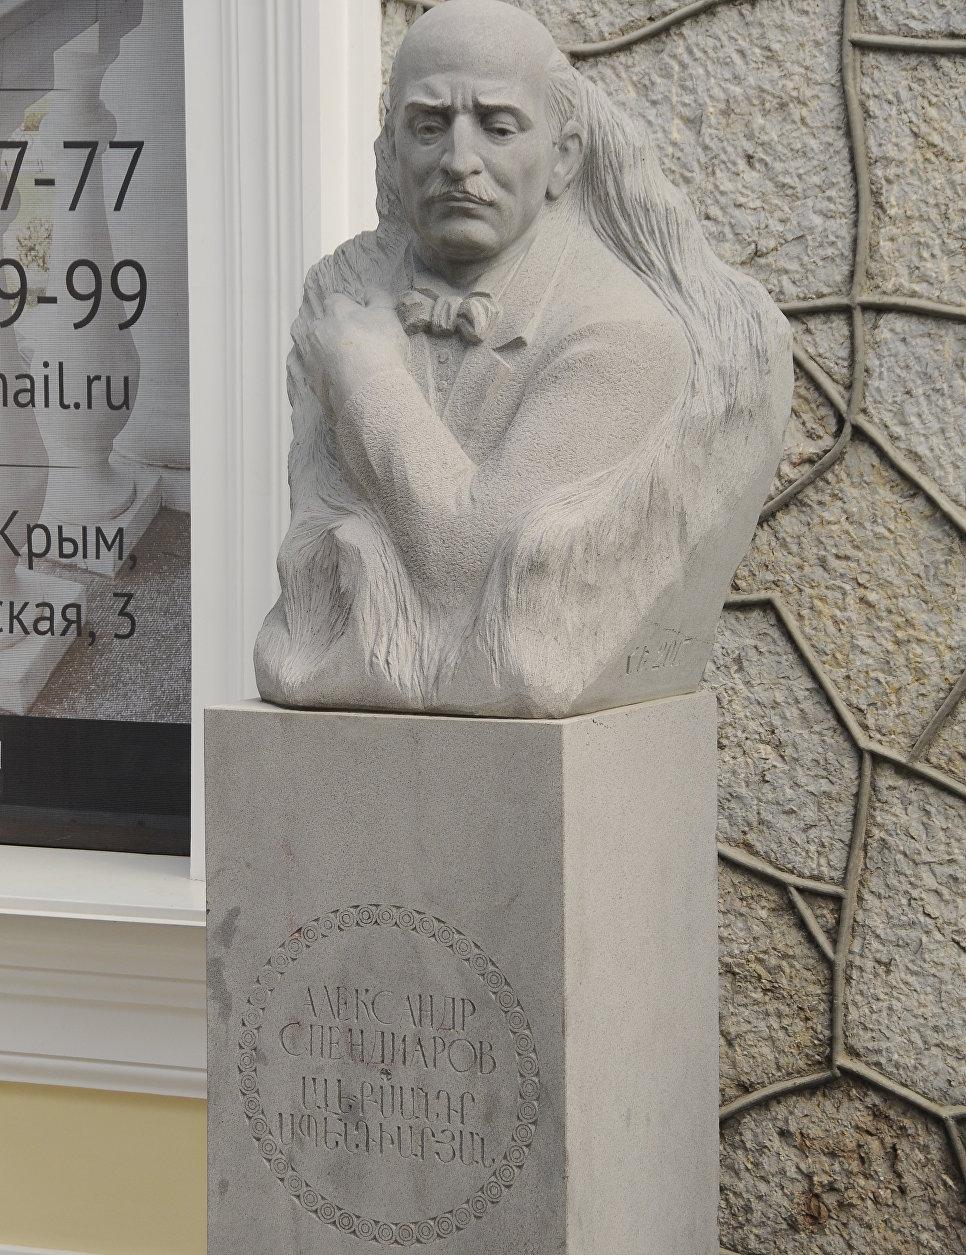 ВЯлте завтра состоится праздничное открытие монумента композитору Александру Спендиарову